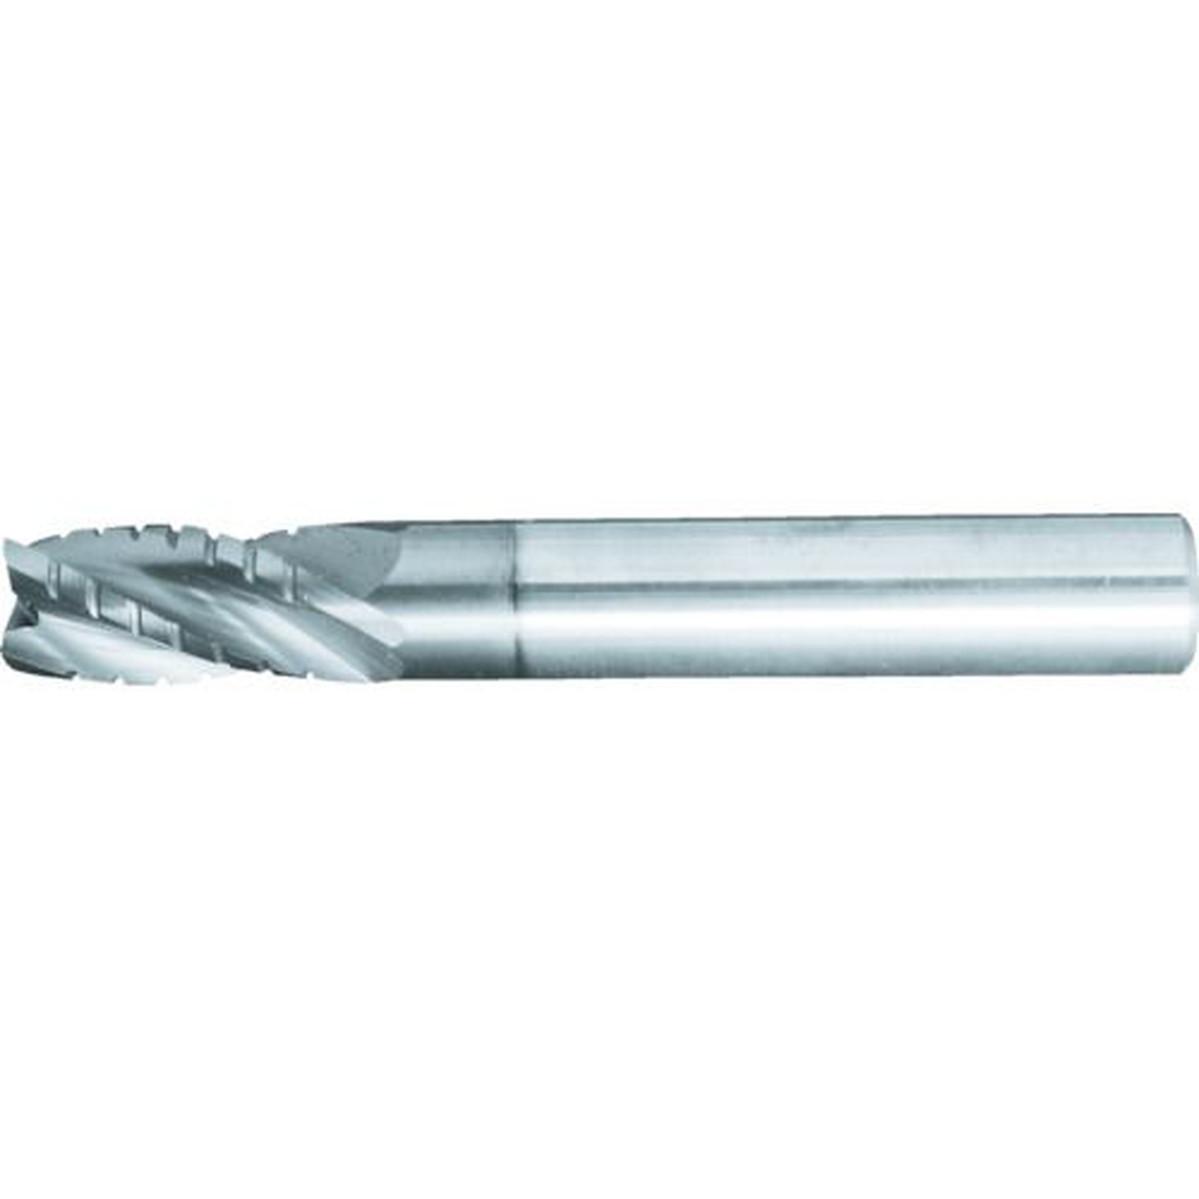 あす楽対応 DIY用品 マパール Opti-Mill フィニッシュ SCM220 1本 2020春夏新作 定番 ラフ